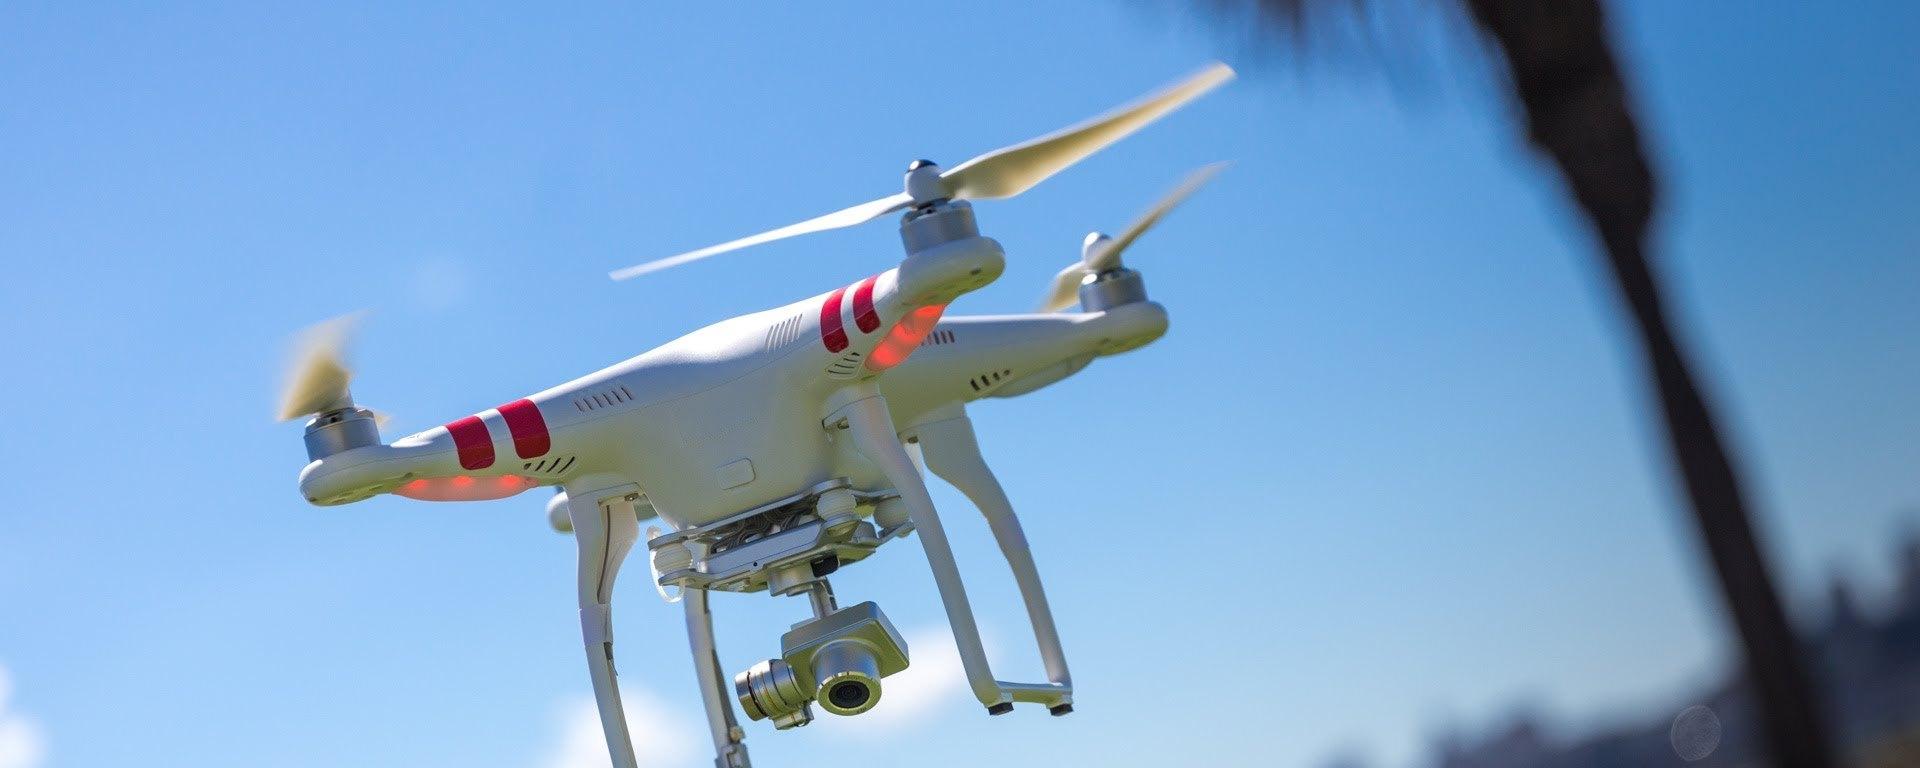 КГА усилит контроль за беспилотниками в воздушном пространстве РК